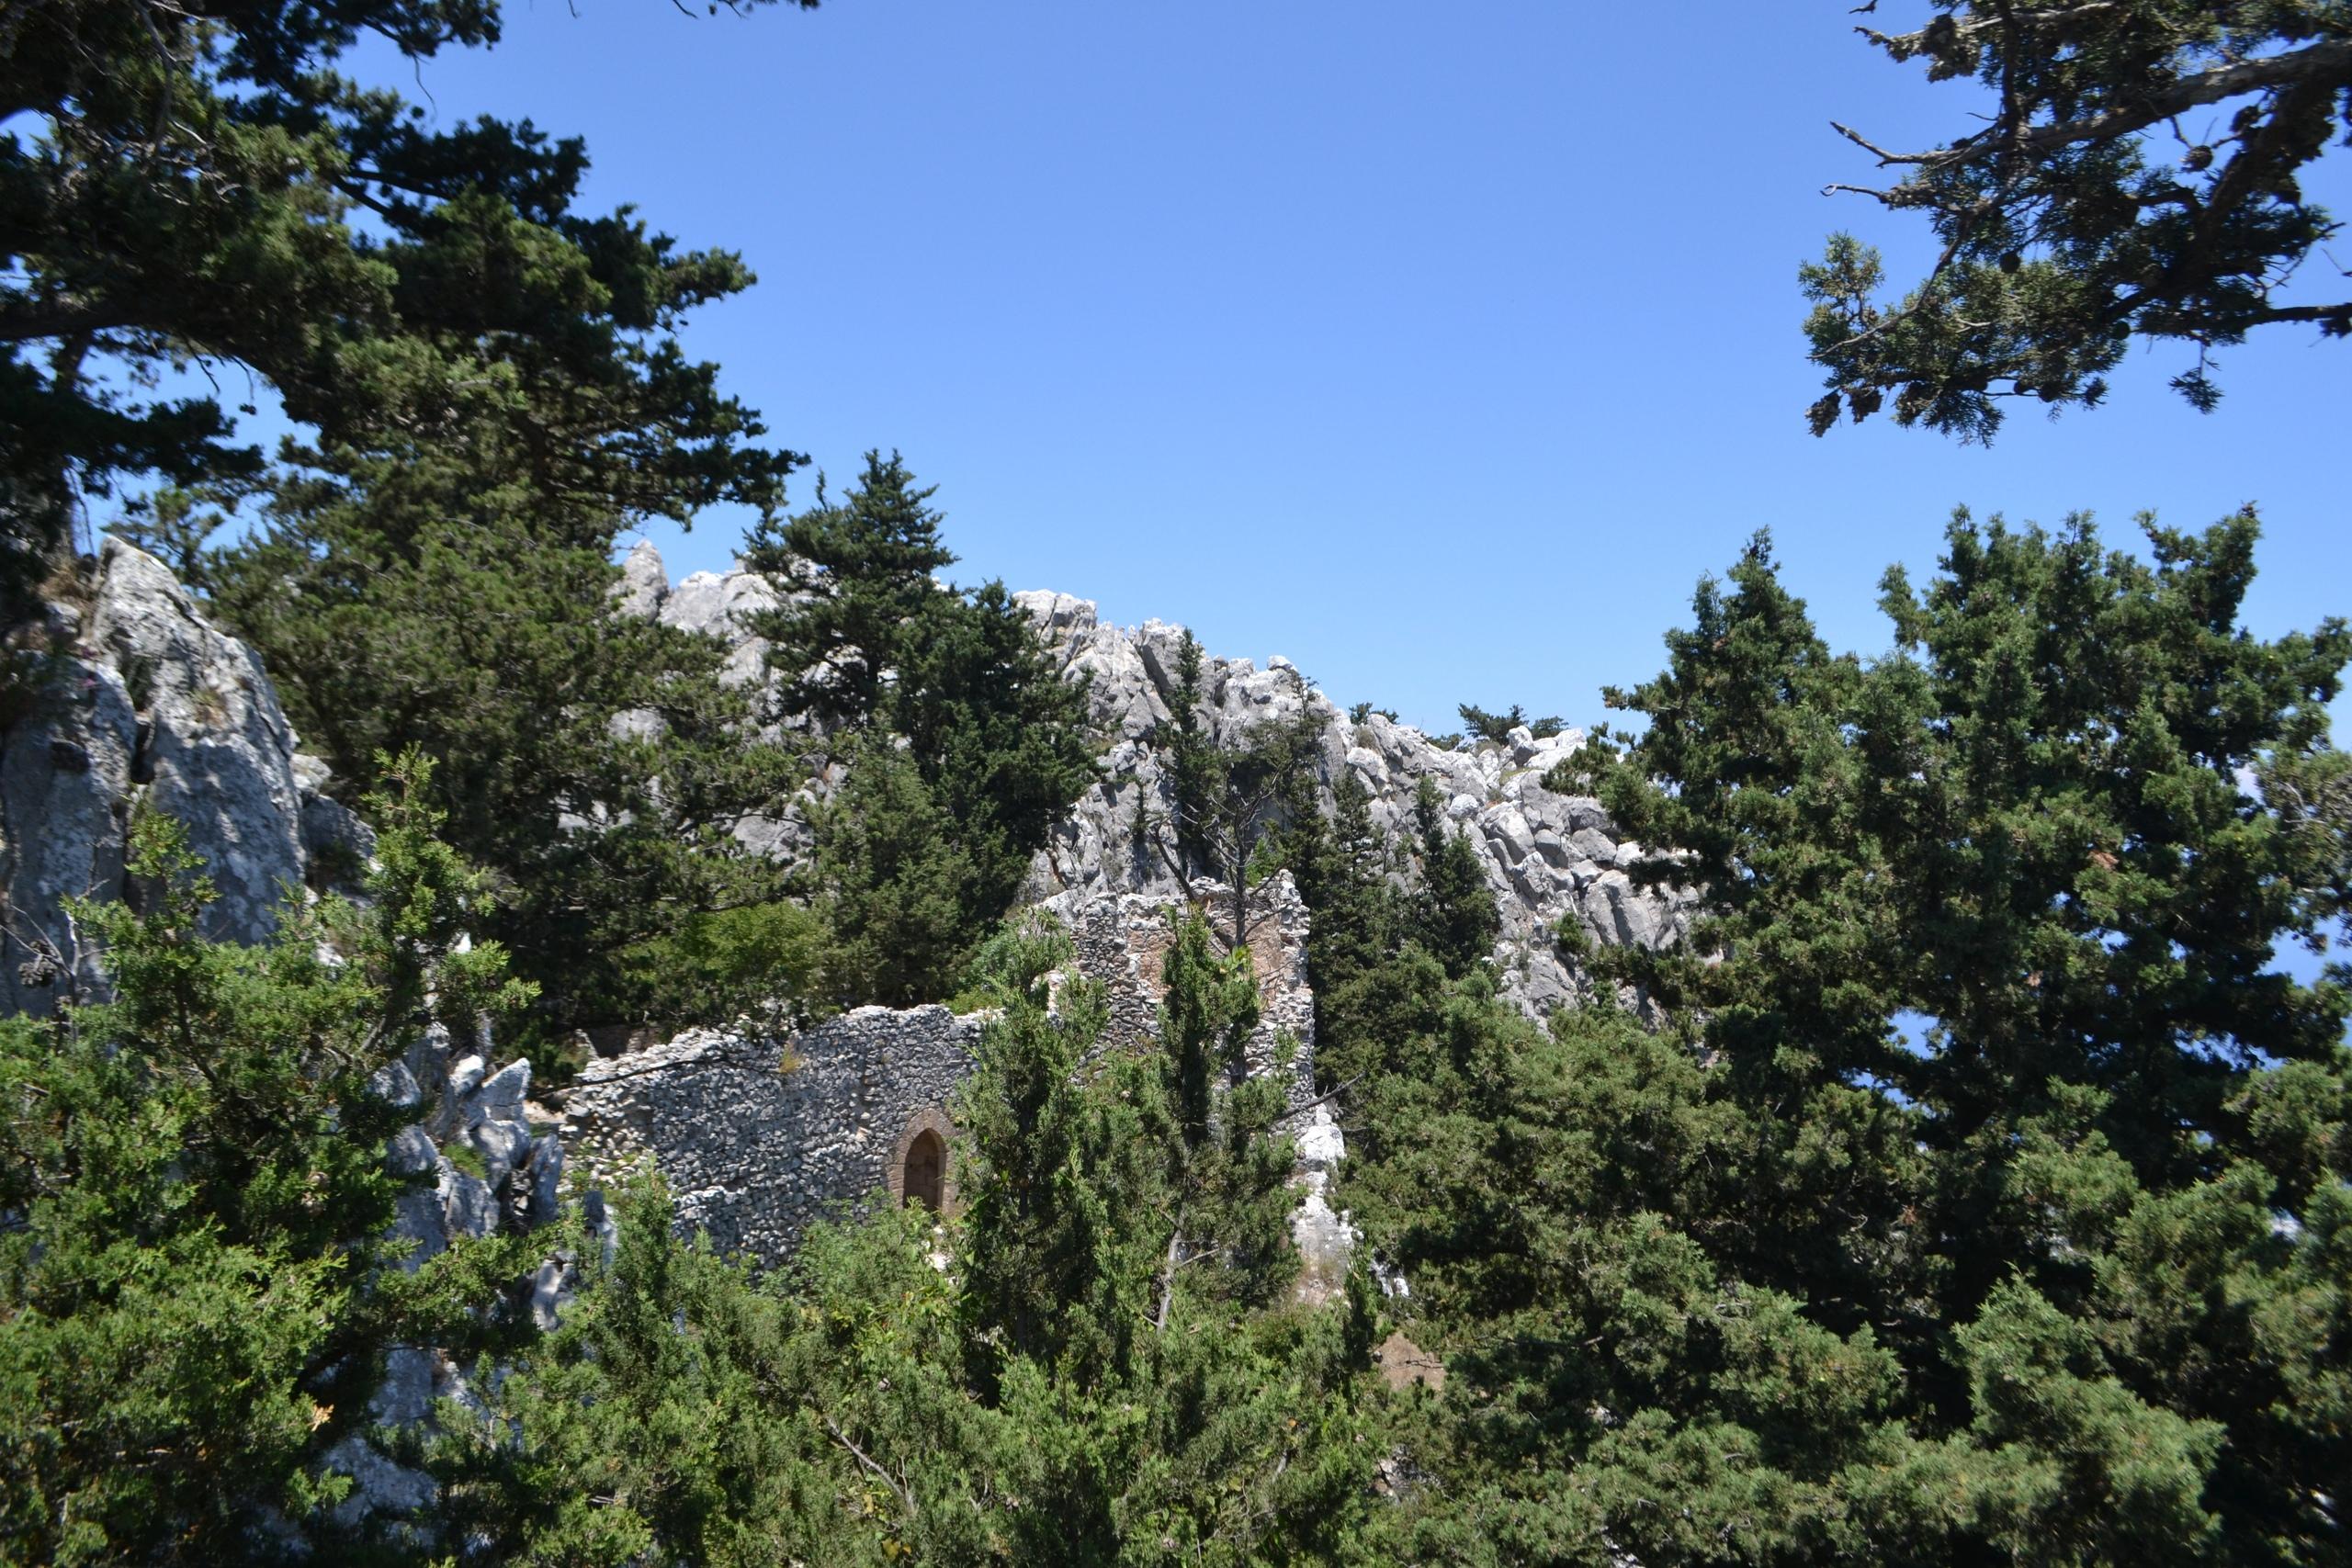 Северный Кипр. Замок Святого Иллариона. (фото). - Страница 2 I0ga0NGPlu8